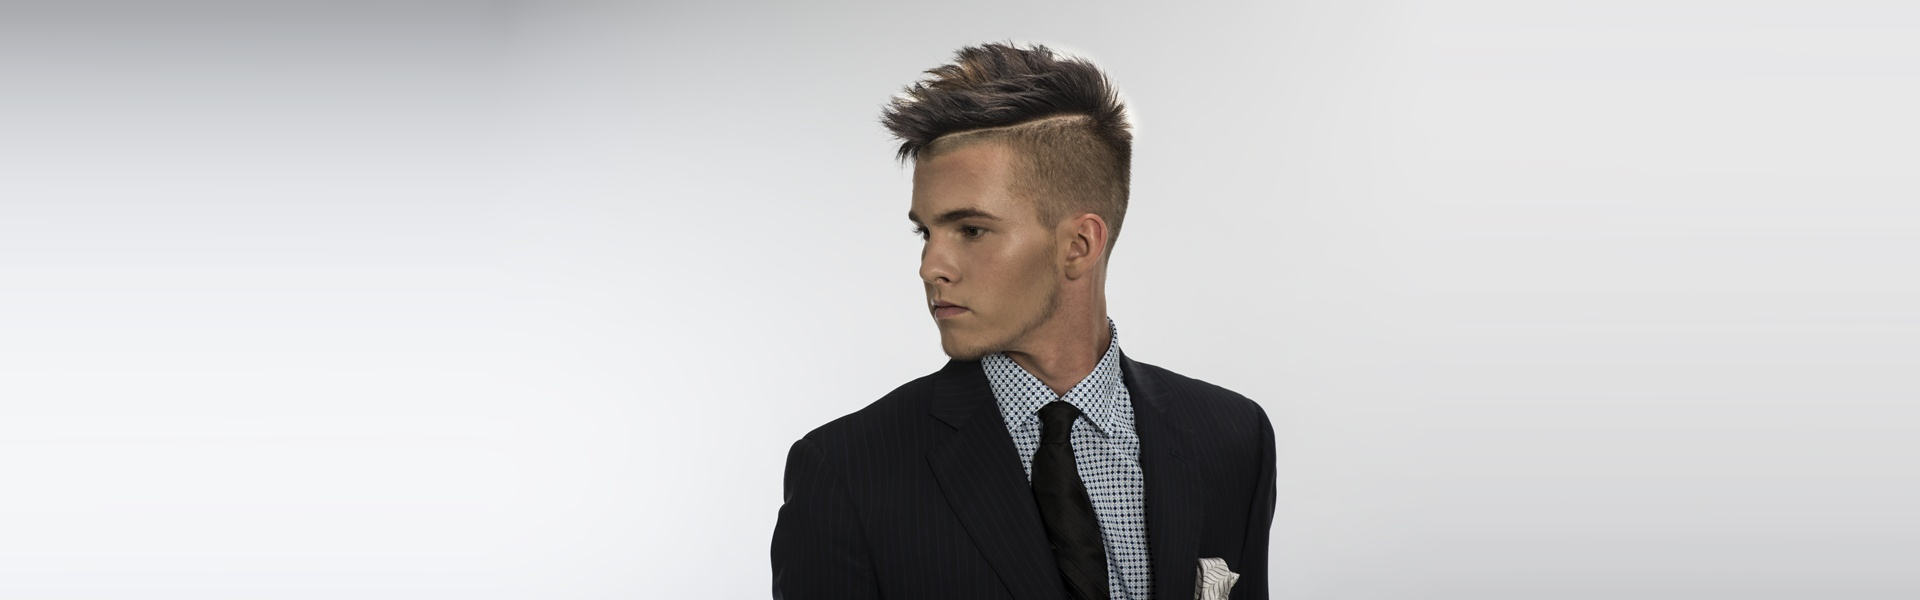 1 AALAM The salon Mens Haircut PlanoFrisco Dallas Best Hair salon Men Top Hairstylist Upscale High End Hair salon Male Allen McKinney Addison TX DFW Best Hair salon for Men In Plano Frisco Dallas